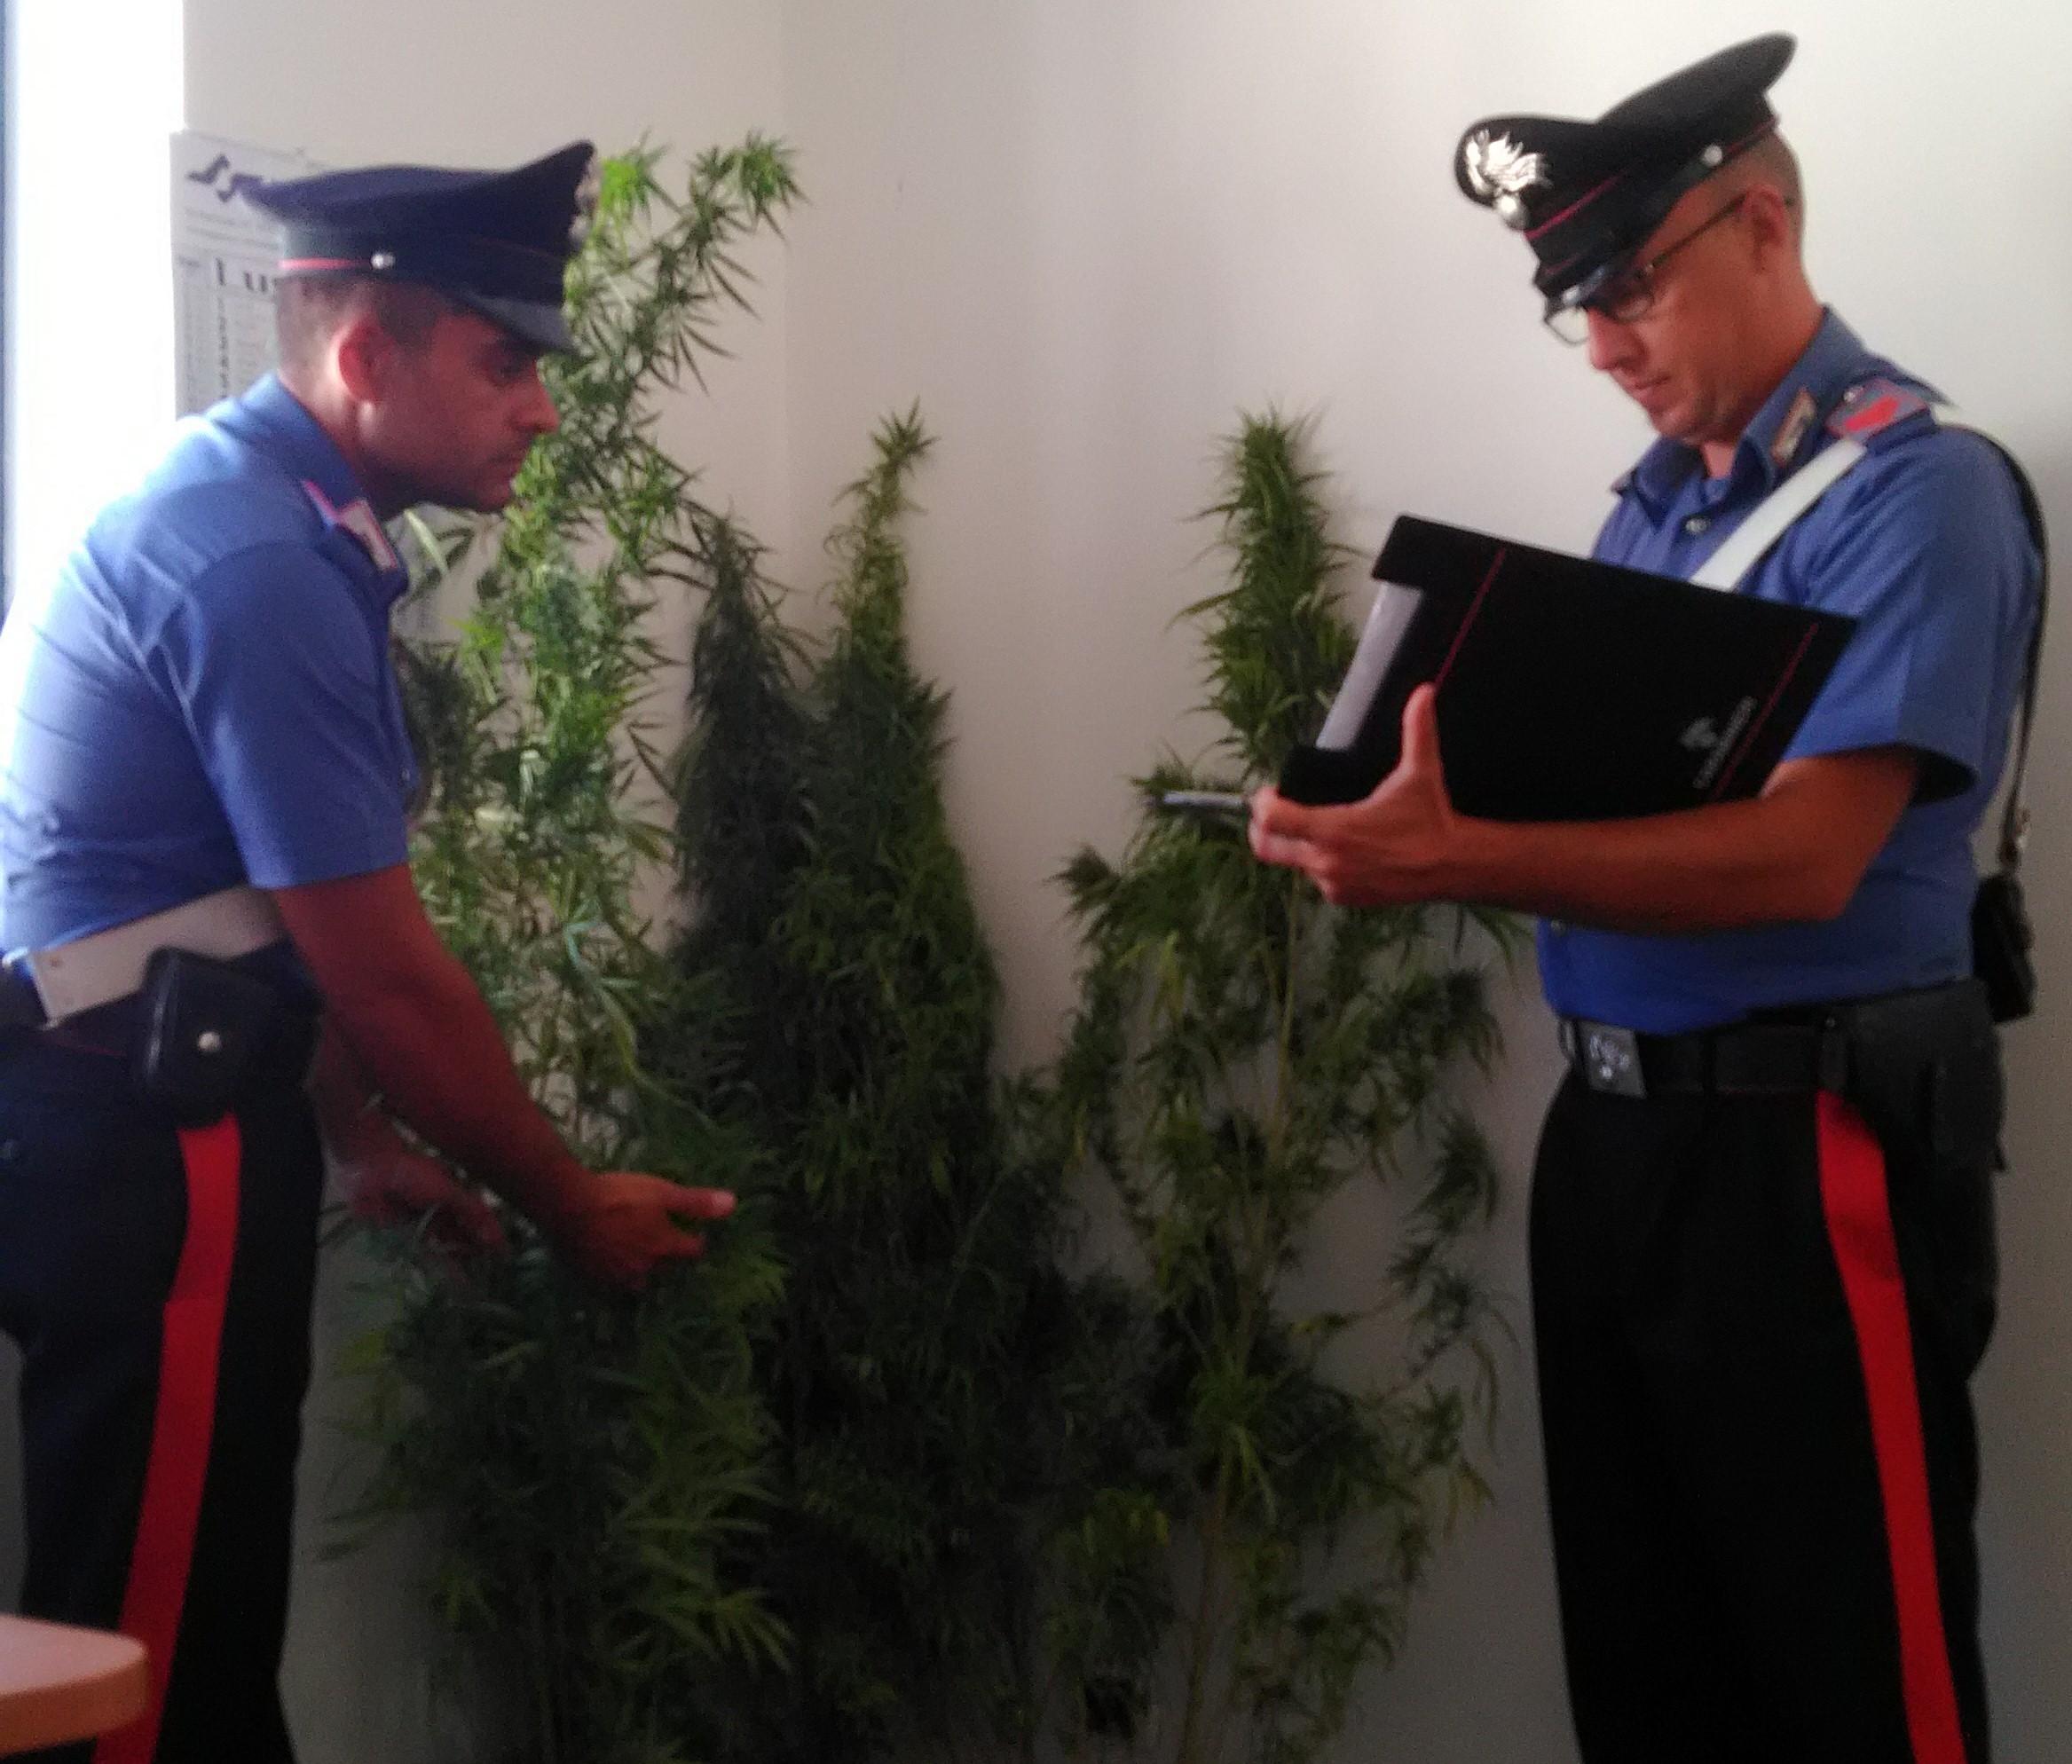 Carabinieri, lotta allo spaccio di droga: arresti a Modica e Scicli